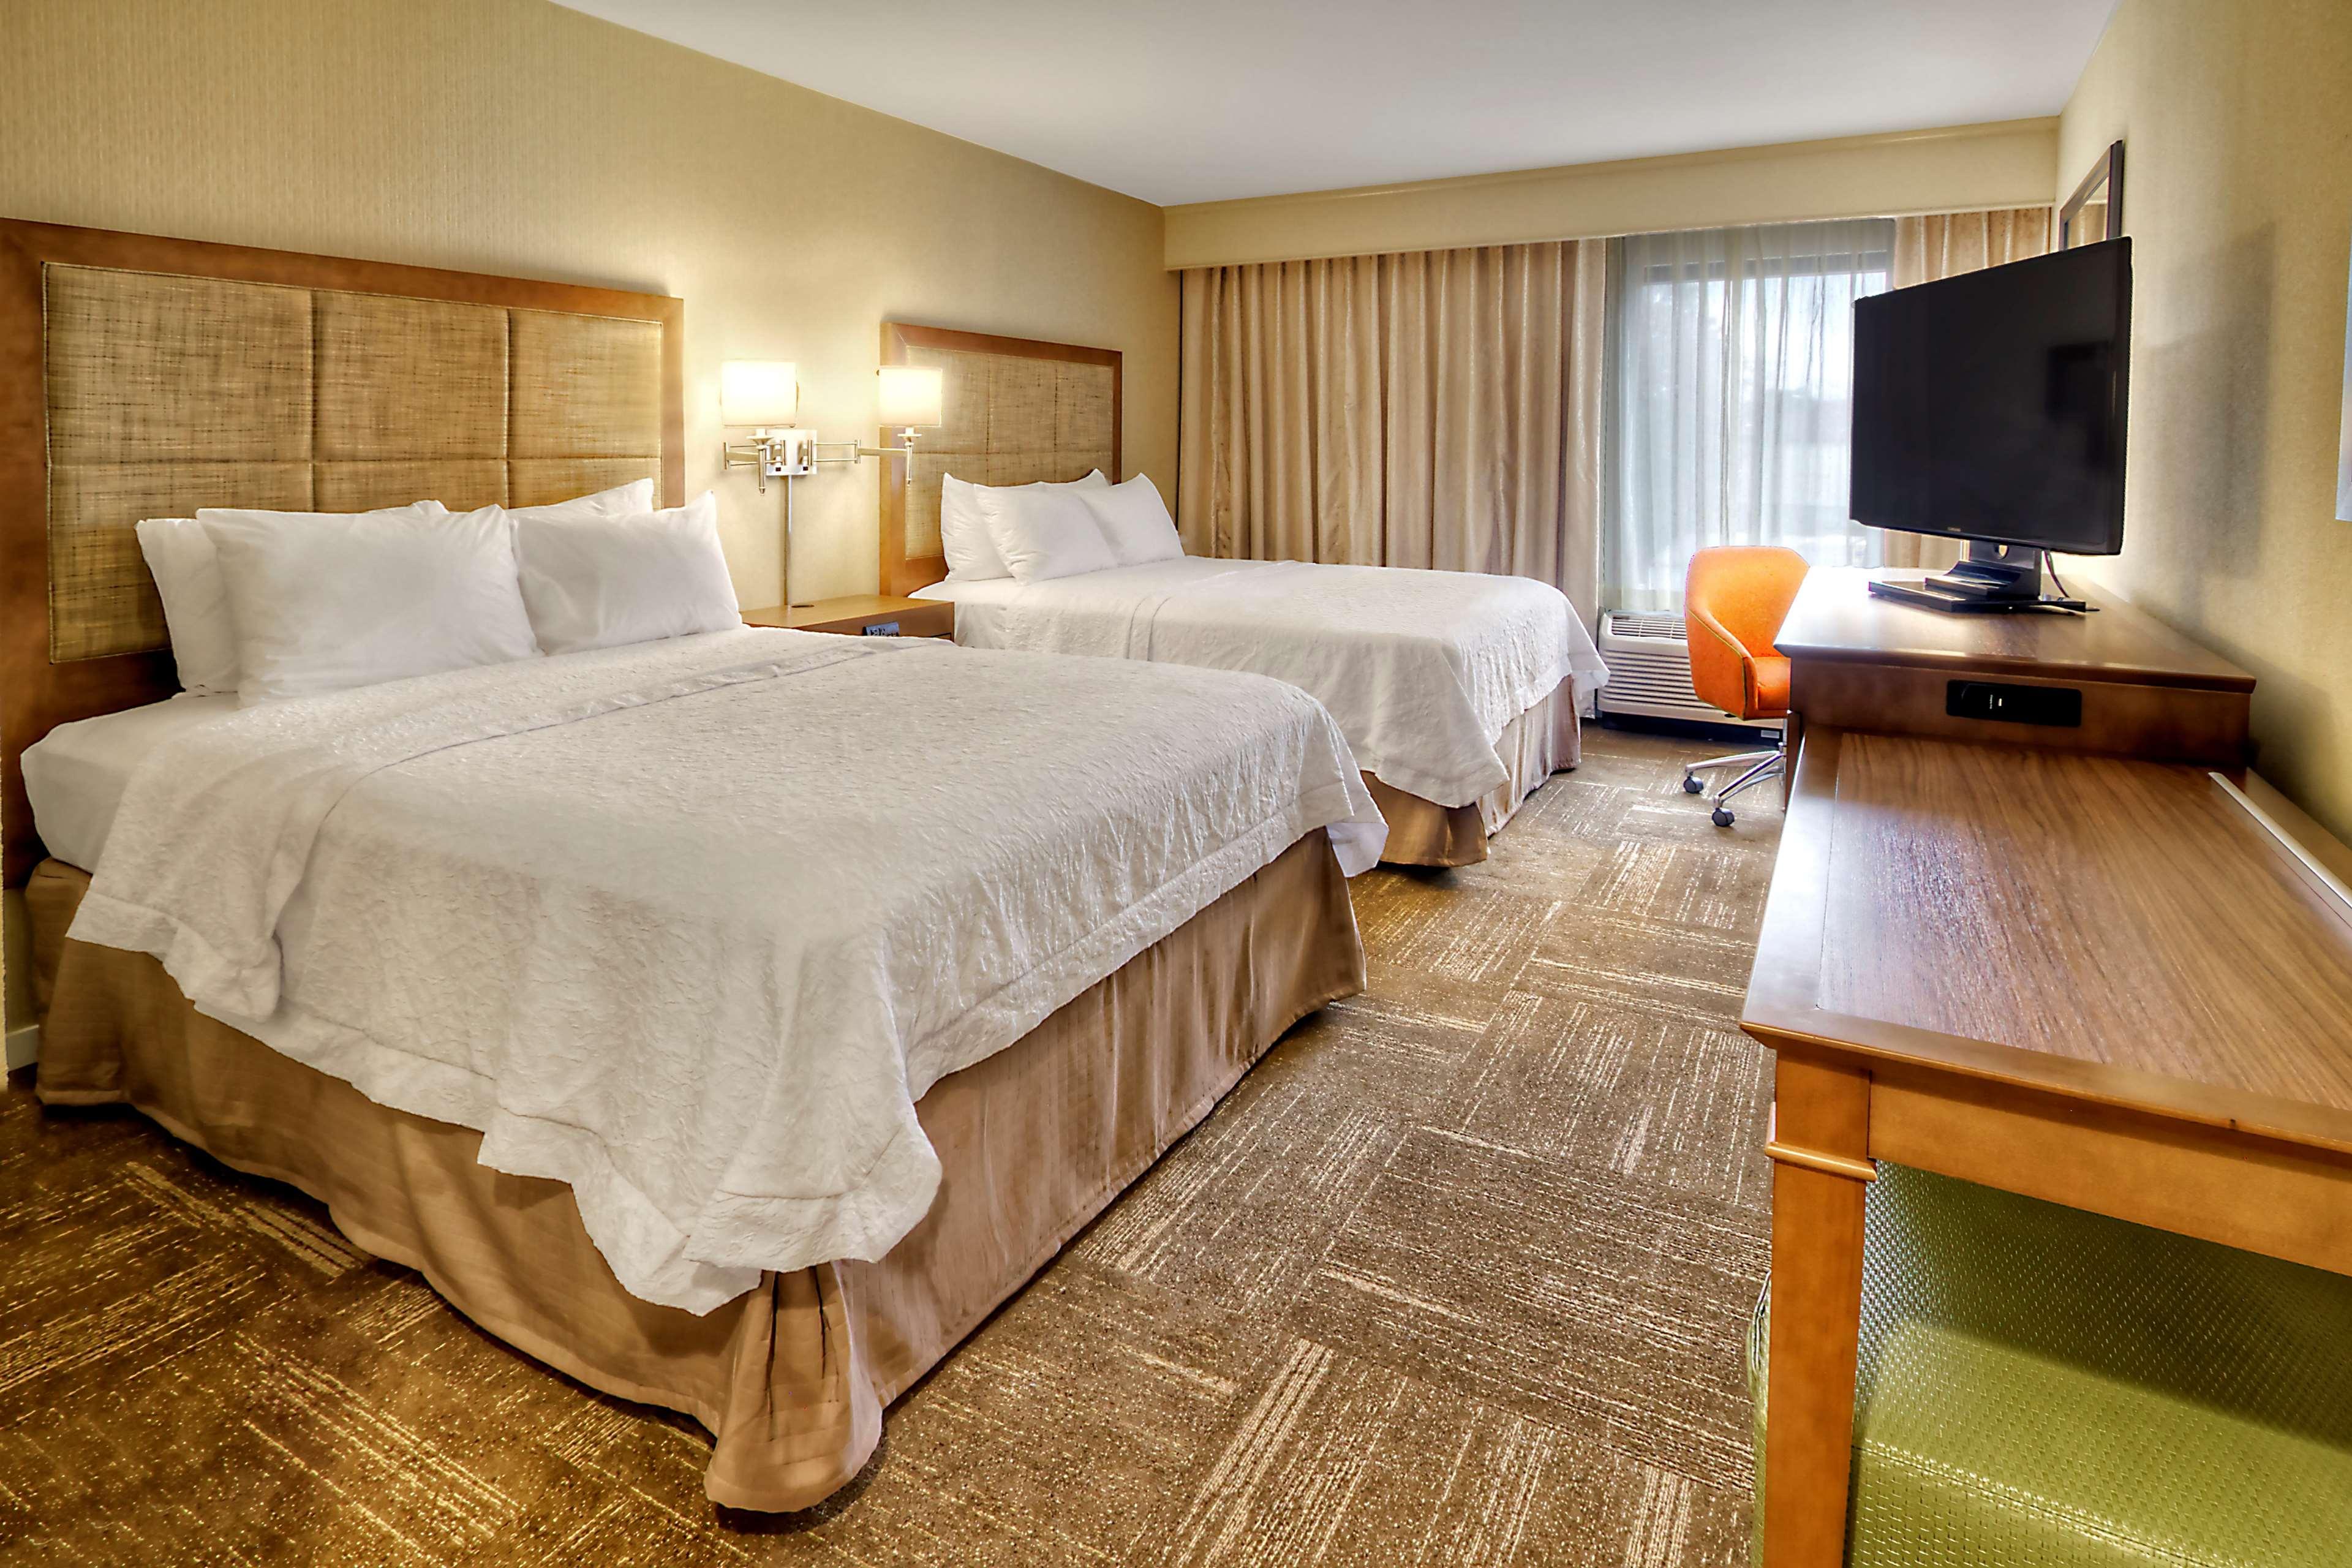 Hampton Inn & Suites Asheville-I-26 image 28